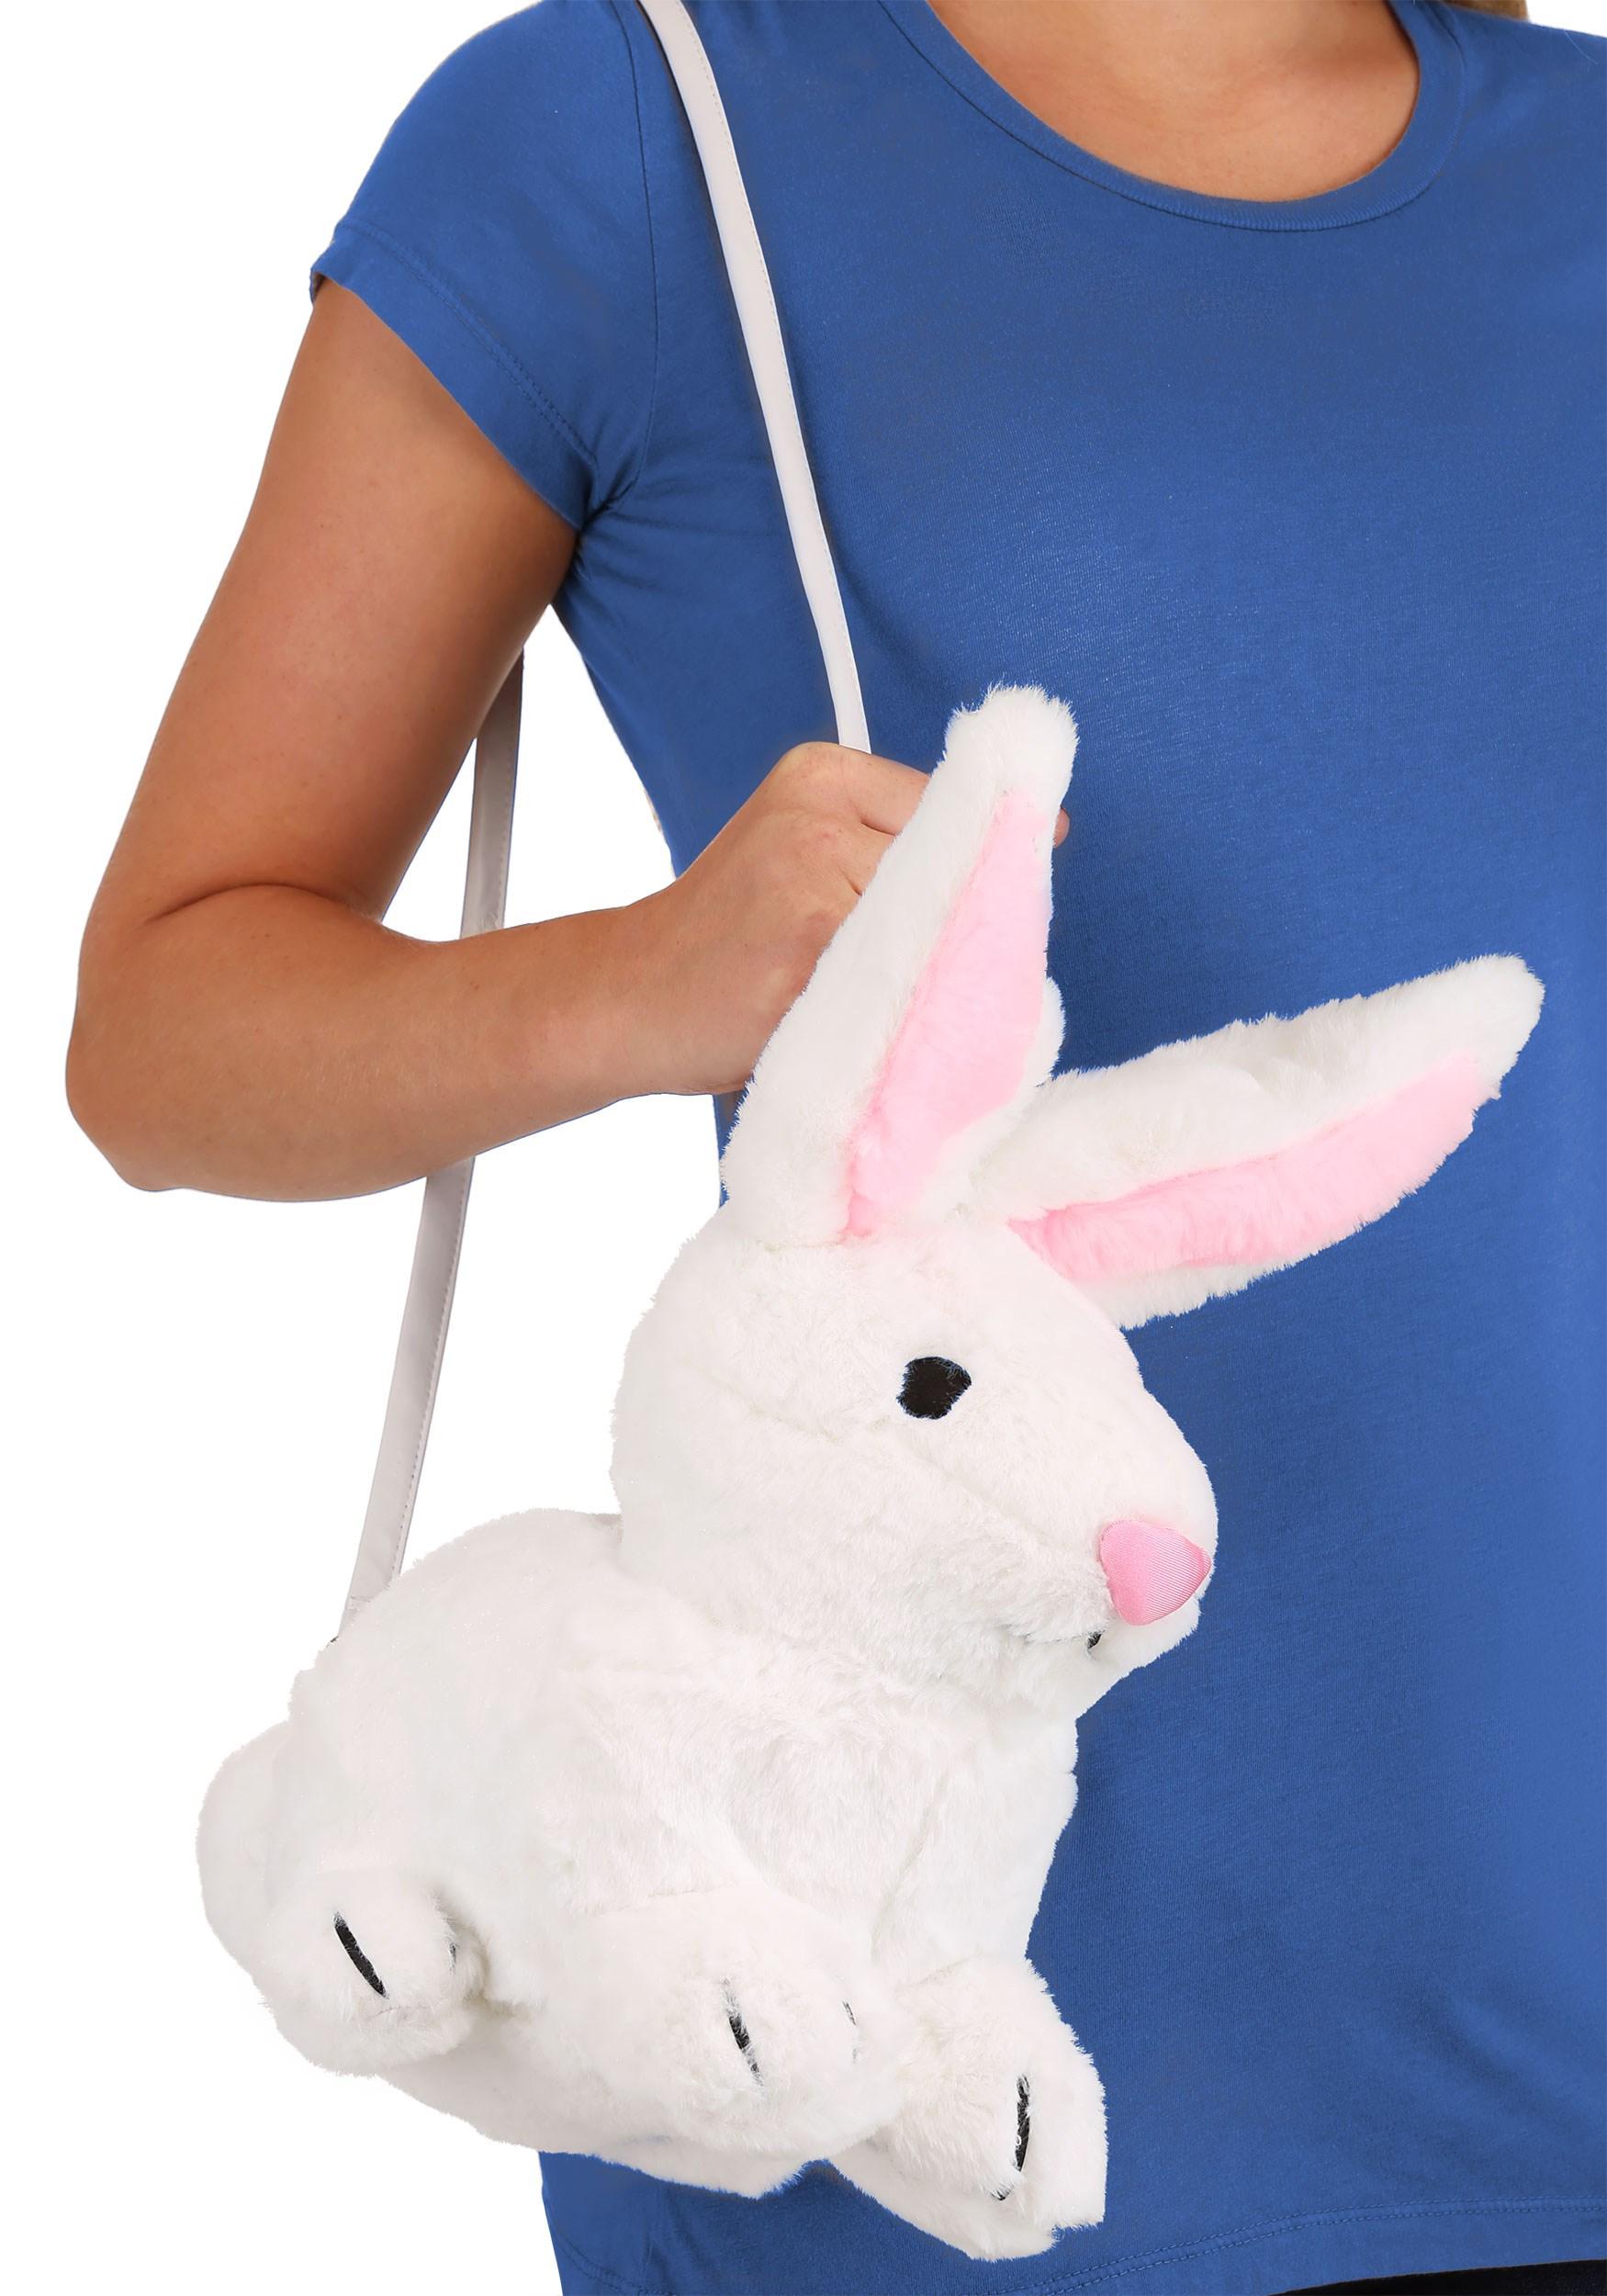 White Bunny Purse Accessory (FUN7060-ST FUN7060) photo